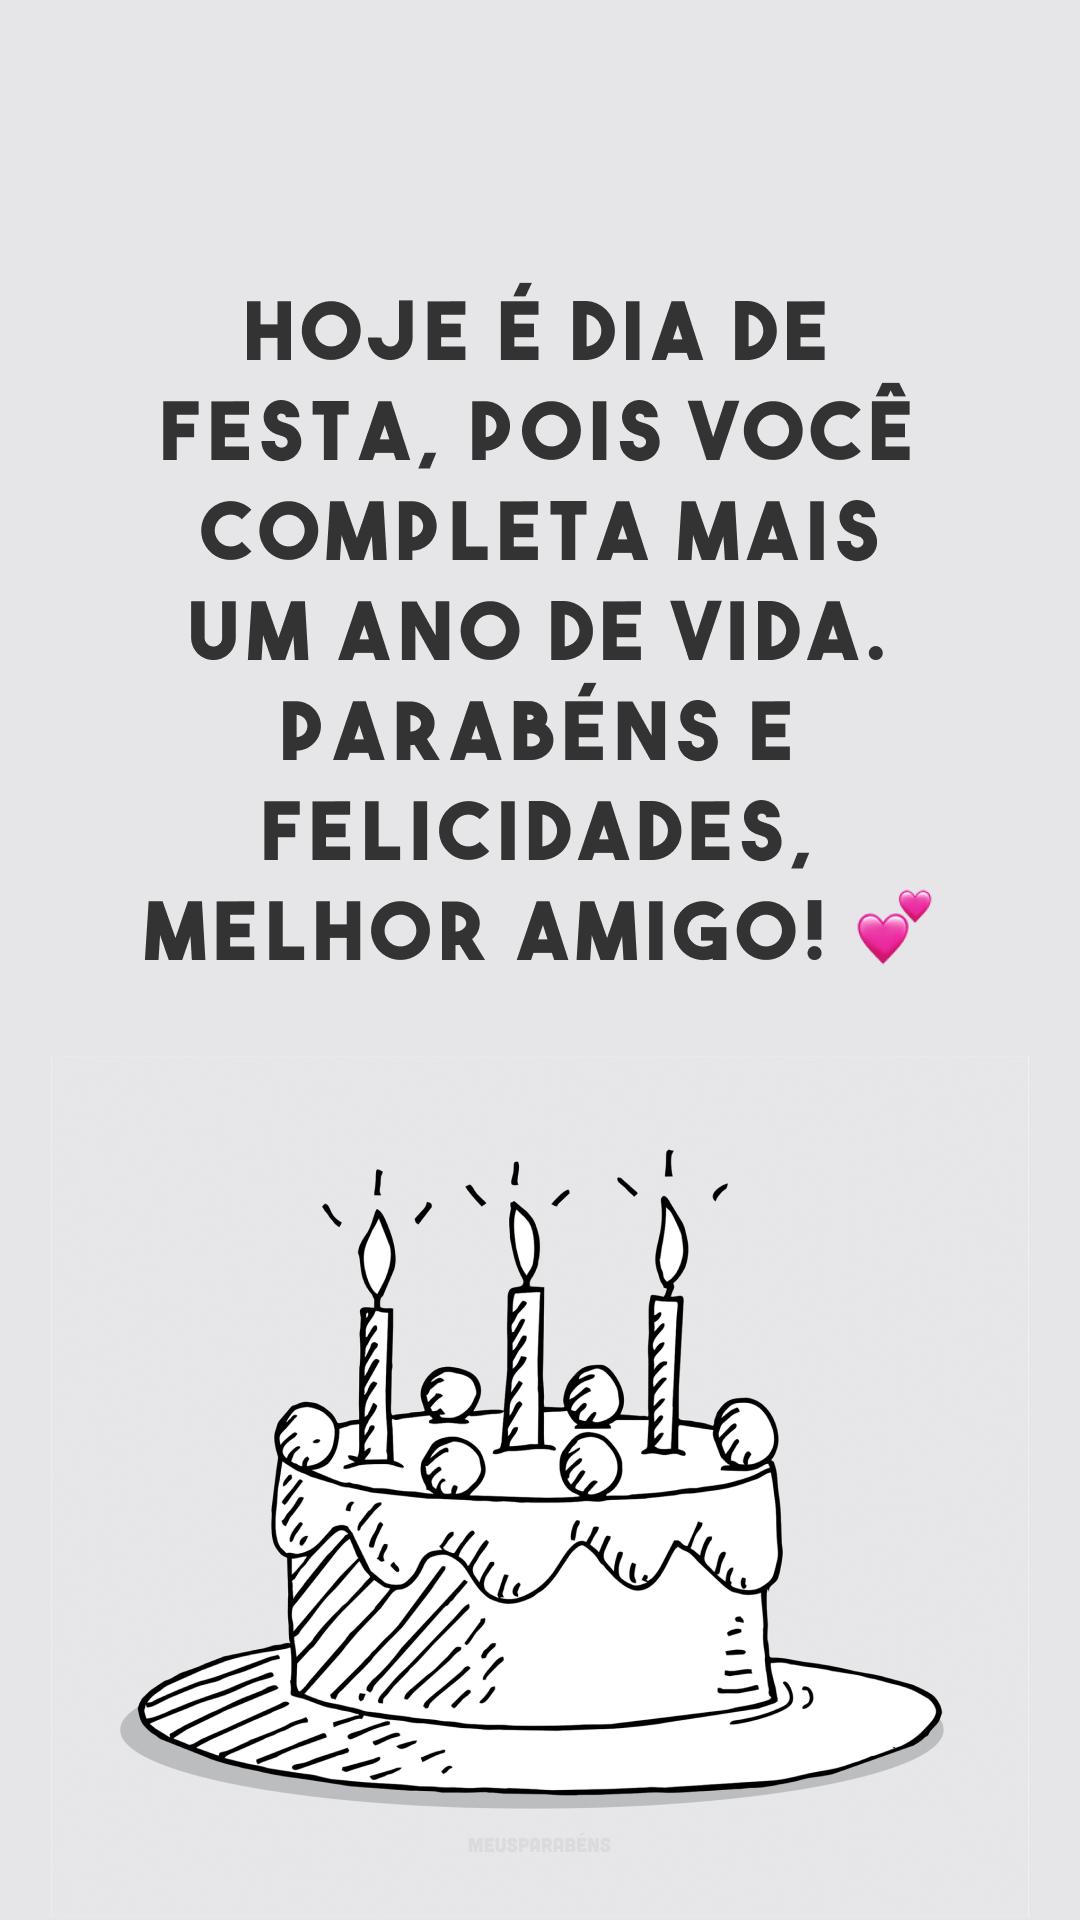 Hoje é dia de festa, pois você completa mais um ano de vida. Parabéns e felicidades, melhor amigo! 💕